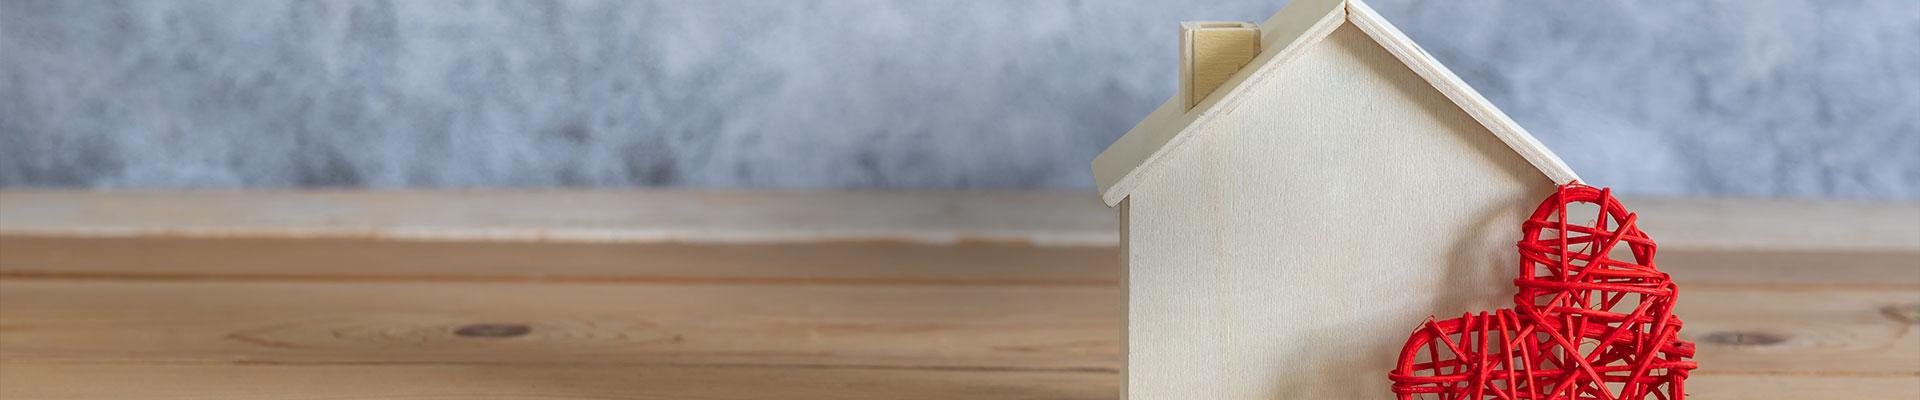 Asistencia para la vivienda